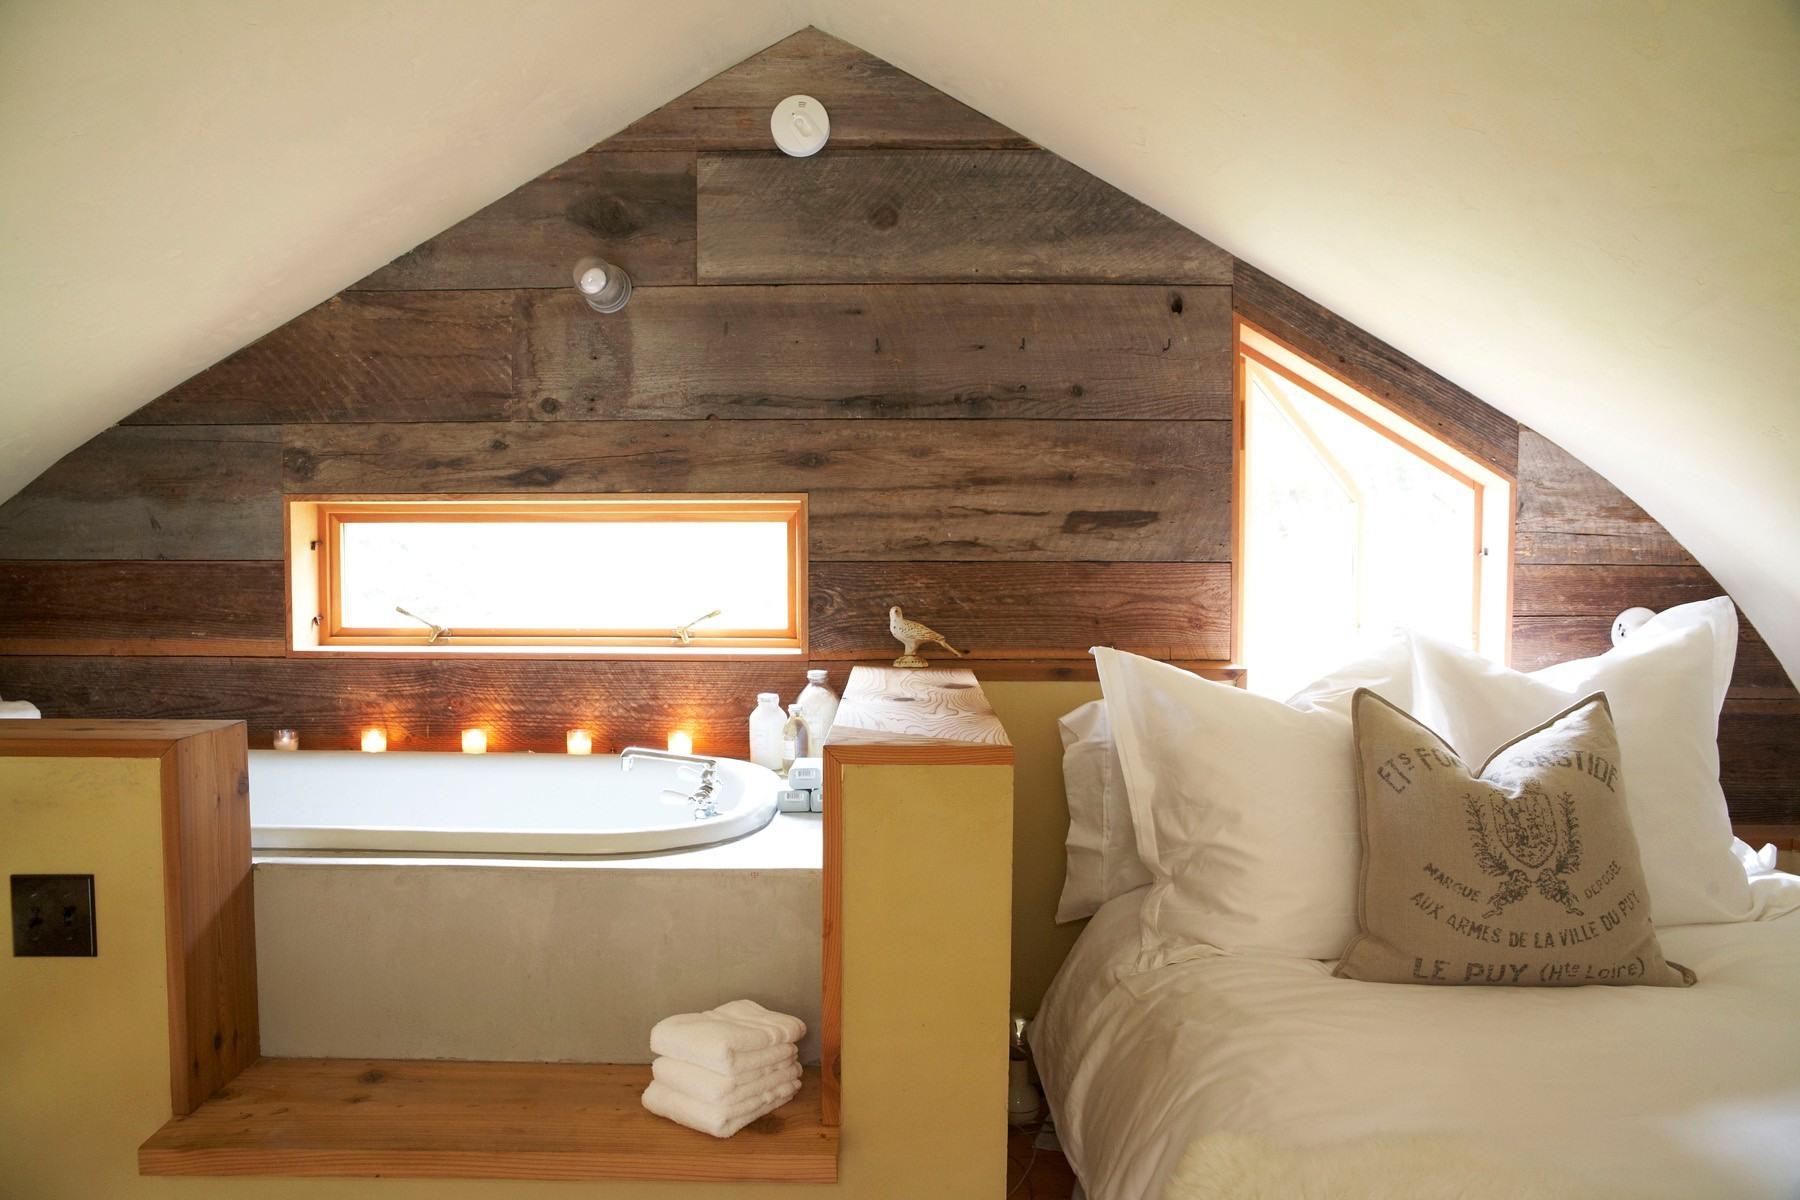 Badruimte van m met een zolder de indeling van het huis